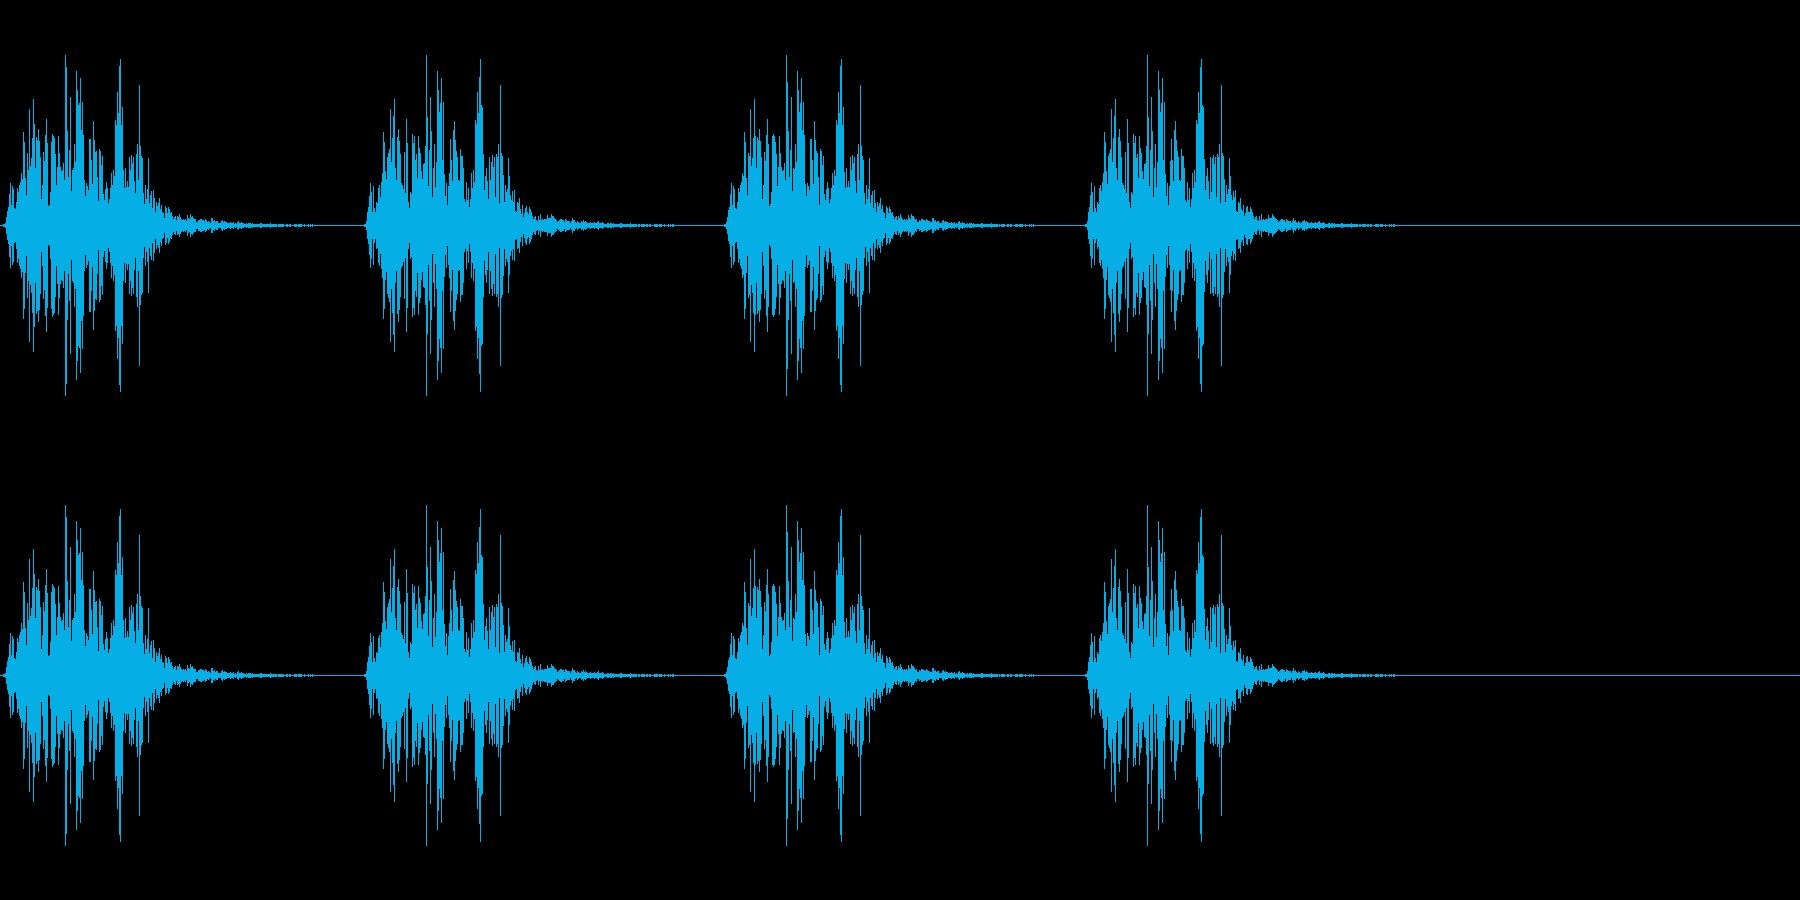 ボコボコ…ボコボコ… 水中での呼吸音の再生済みの波形